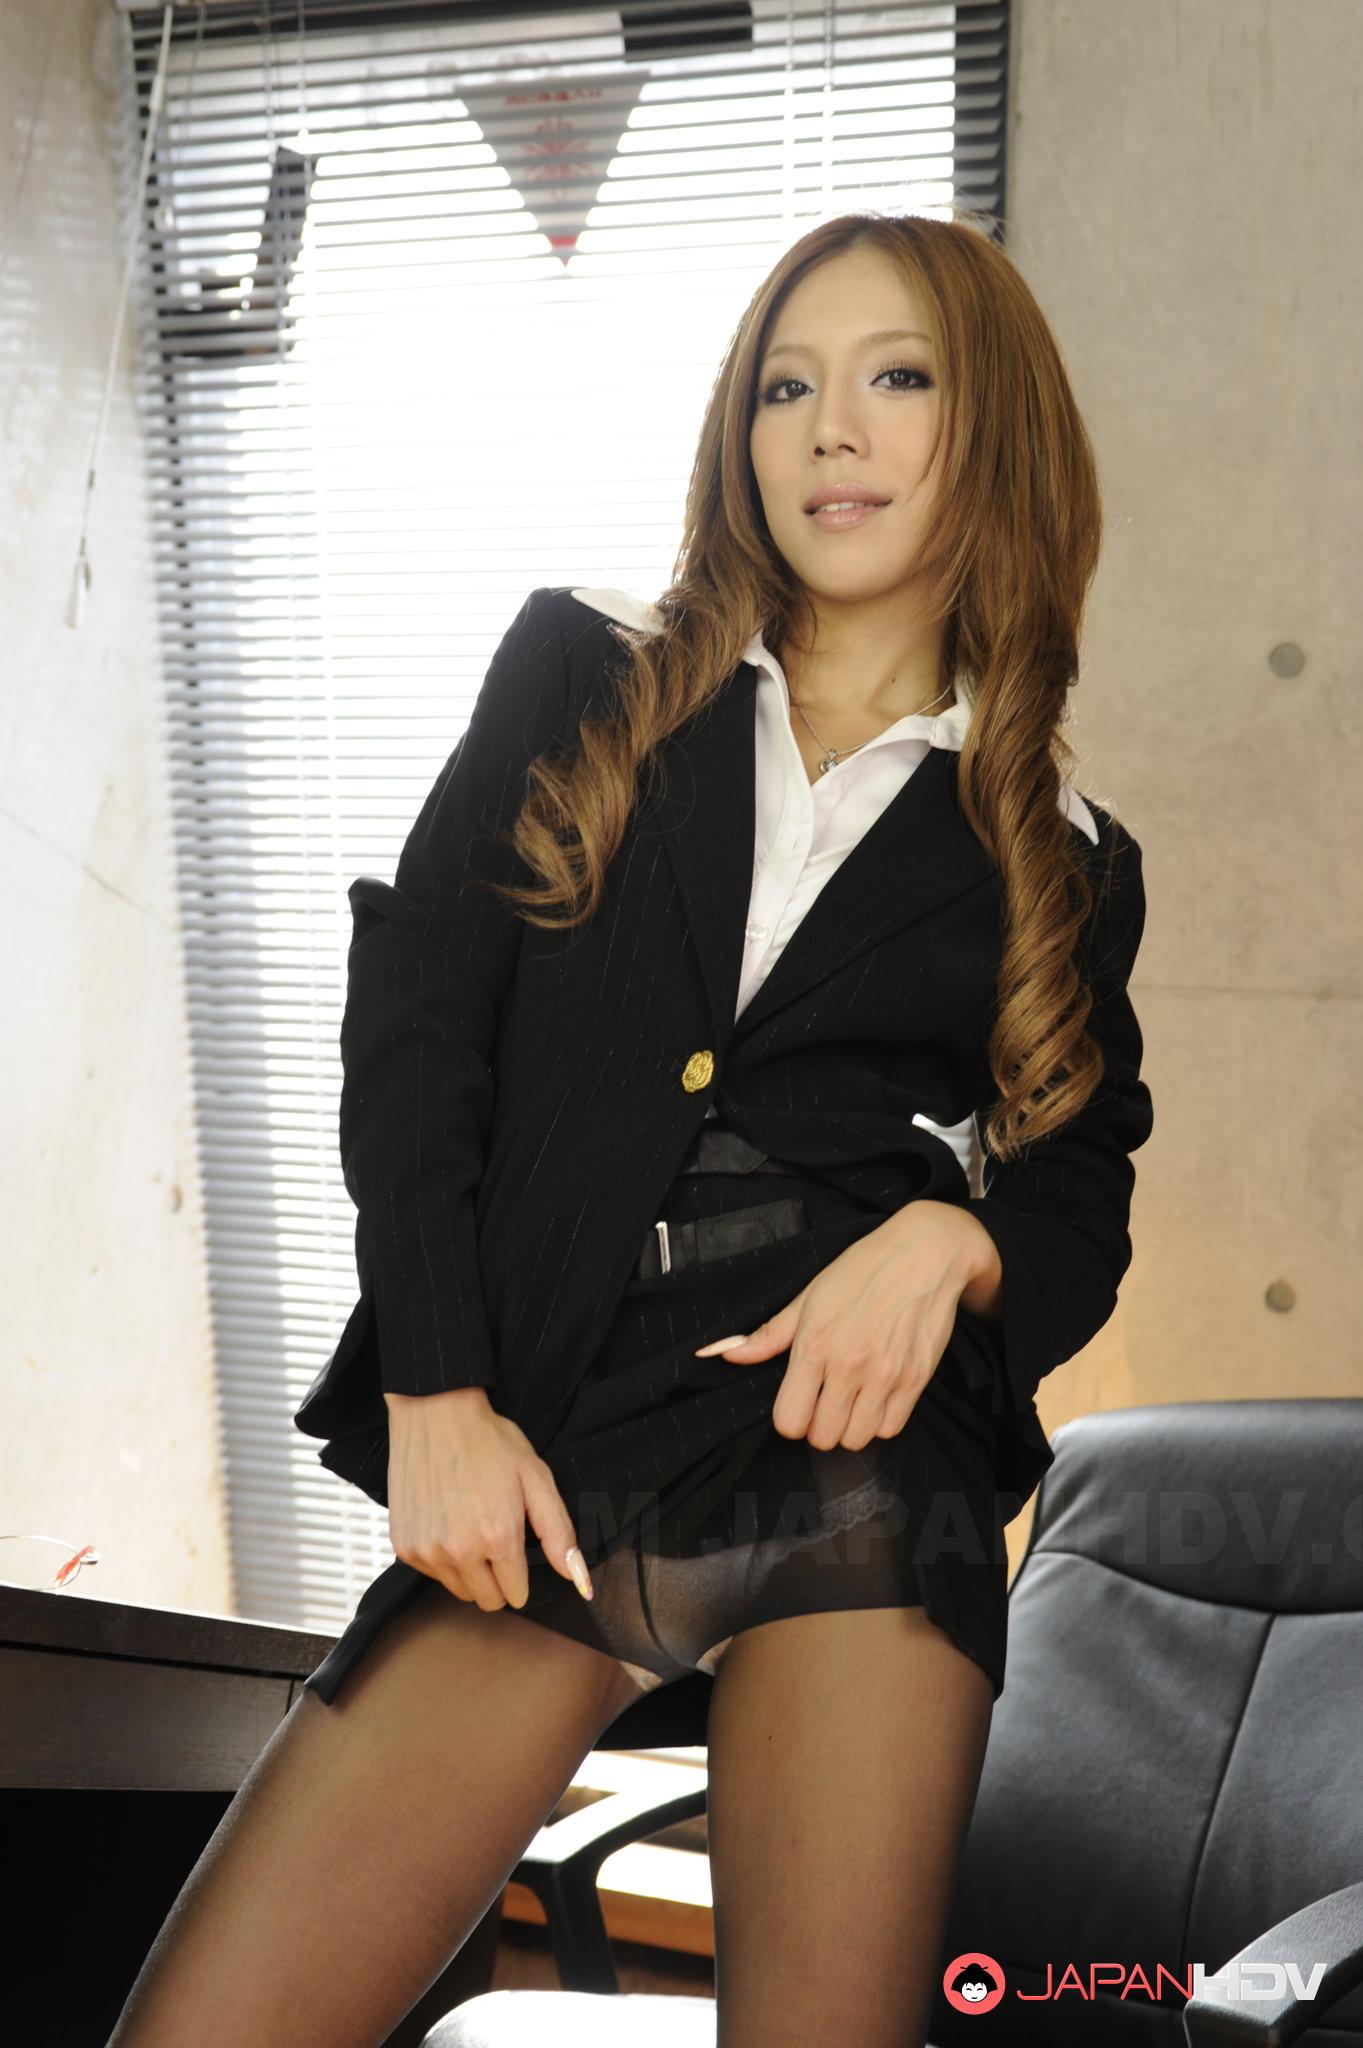 Hot Japanese MILF poses in black pantyhose